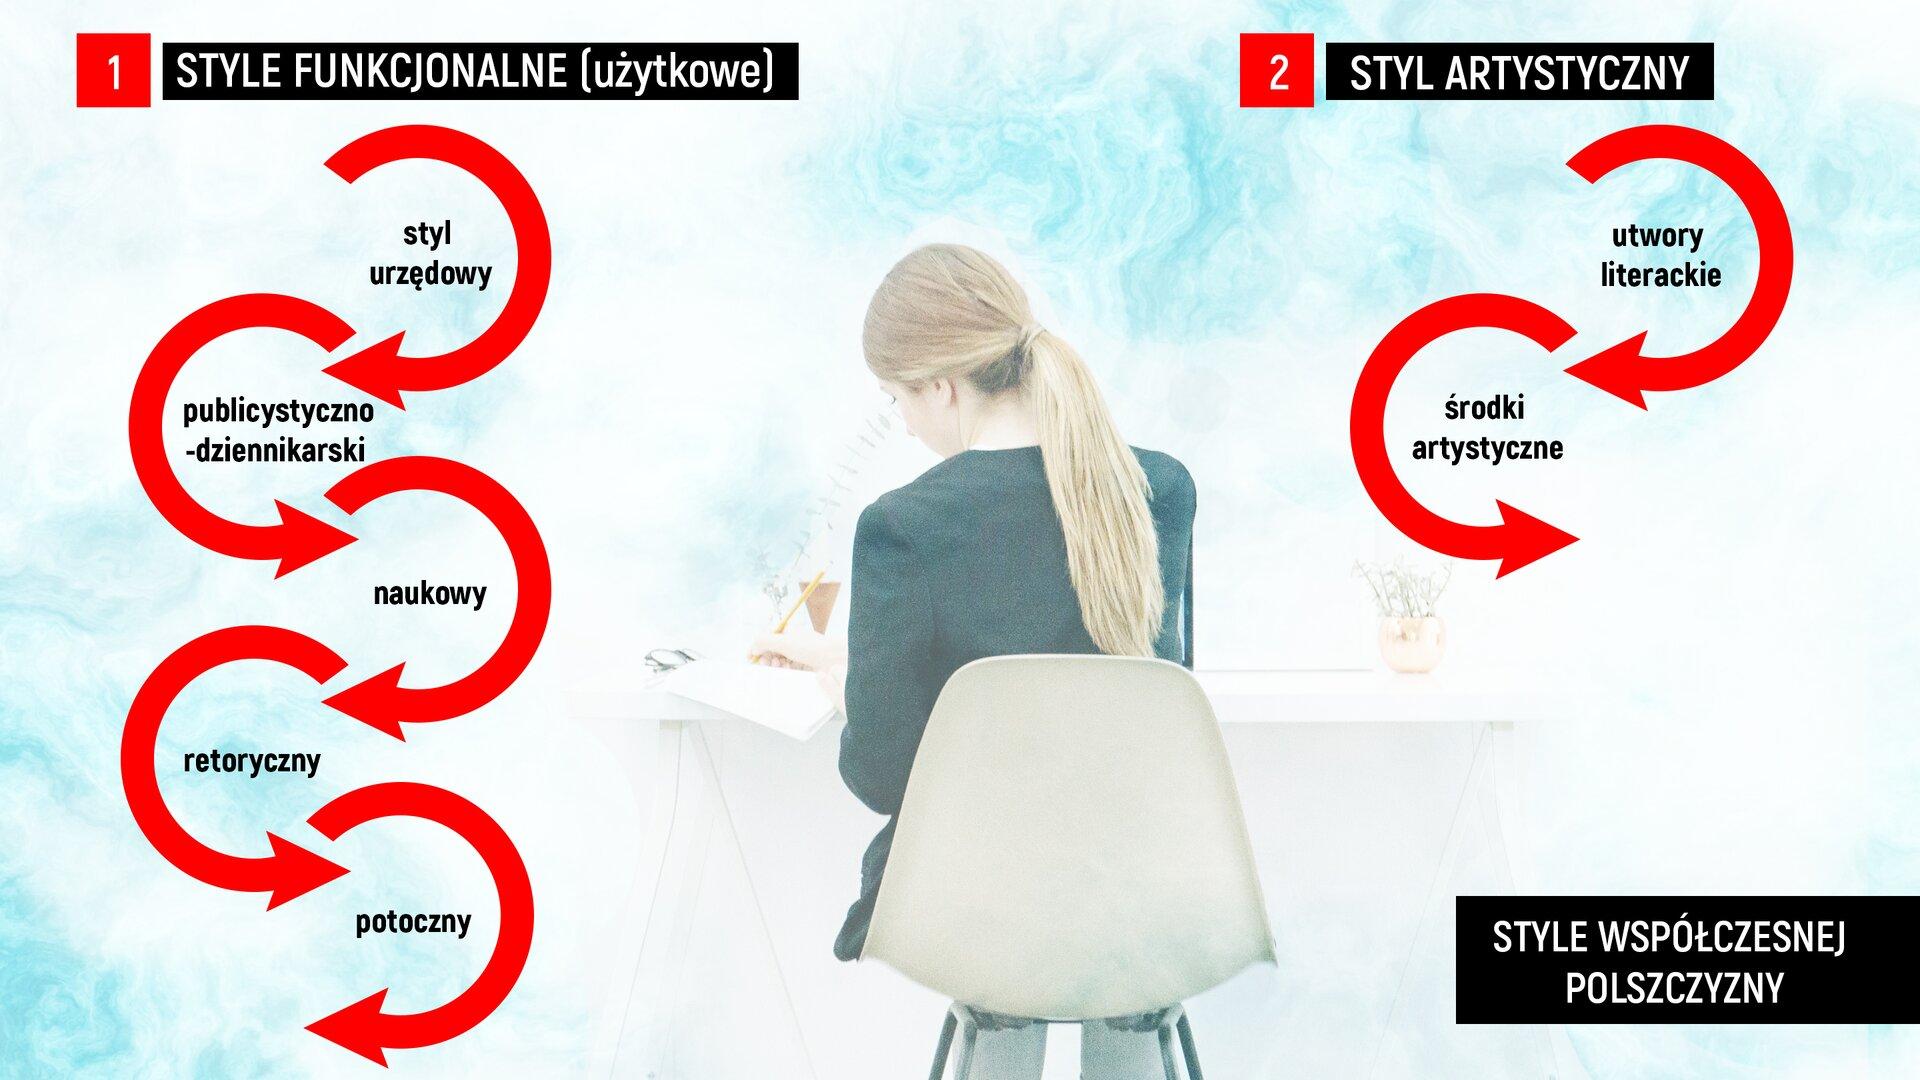 """Wprostokątnym polu znajduje się ilustracja otoczona czarną ramką. Ilustracja przedstawia kobietę siedzącą na białym krześle przy białym biurku ipiszącą coś ołówkiem wzeszycie. Po lewej stronie ilustracji widzimy napis białymi literami: """"1.STYLE FUNKCJONALNE (użytkowe)"""" ikolejno wczerwonych półkolach są umieszczone: """"styl urzędowy"""", """"publicystyczno-dziennikarski"""", """"naukowy"""", """"retoryczny"""", """"potoczny"""". Po prawej stronie ilustracji mamy zapis na czarnym tle białymi literami """"2. STYL ARTYSTYCZNY"""" iwczerwonych półkolach są umieszczone: """"utwory literackie"""", """"środki artystyczne"""". Wprawym dolnym rogu ilustracji wczarnym prostokącie białymi literami jest napisane: """"STYLE WSPÓŁCZESNEJ POLSZCZYZNY""""."""